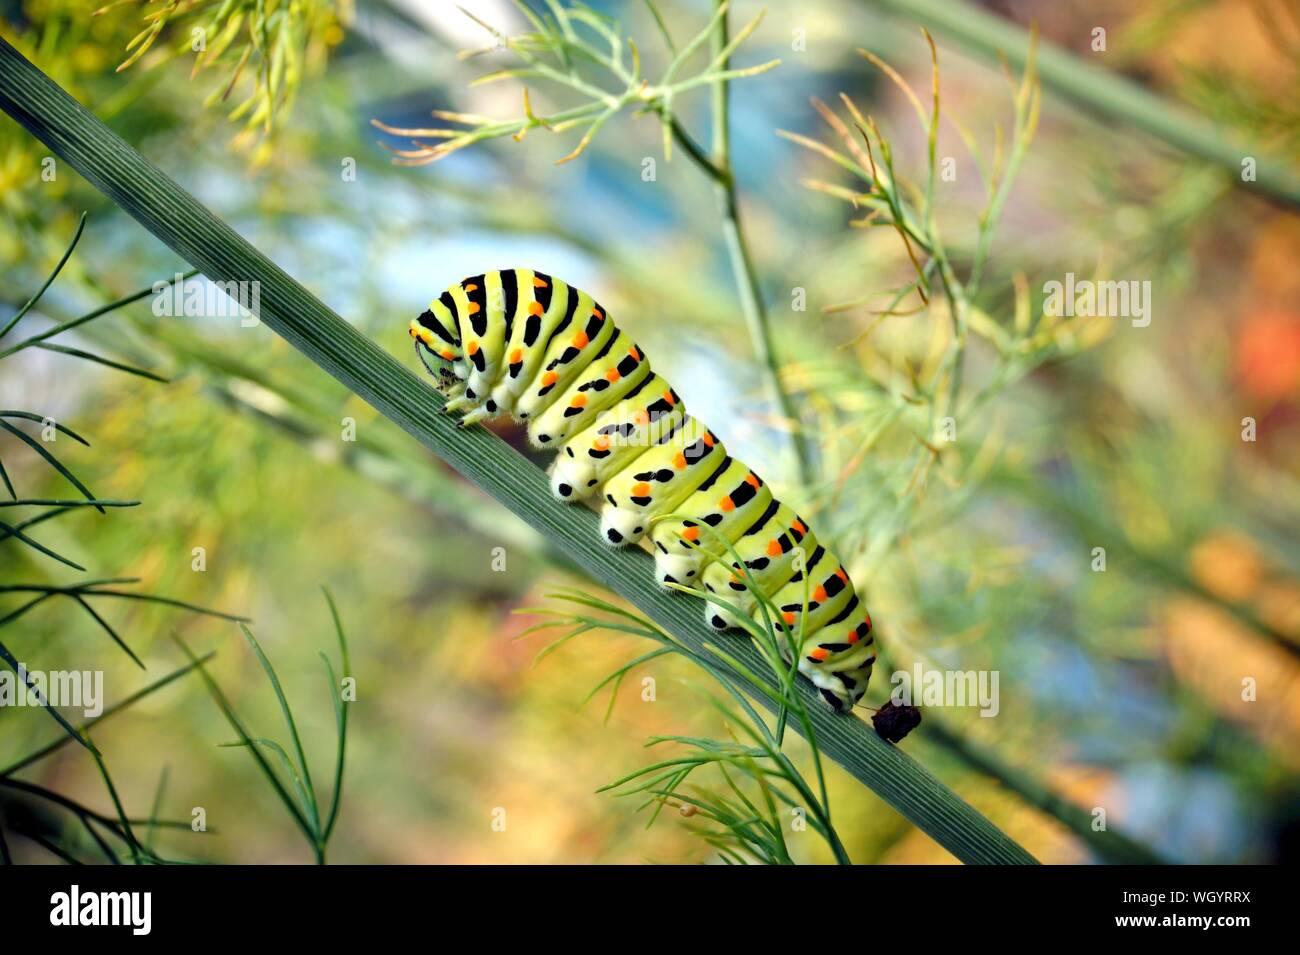 Raupe des Schwalbenschwanz Pieris brassicae auf frischen grünen duftenden Dill Anethum graveolens im Garten. Garten Pflanzen. Raupe auf Dill. Stockfoto